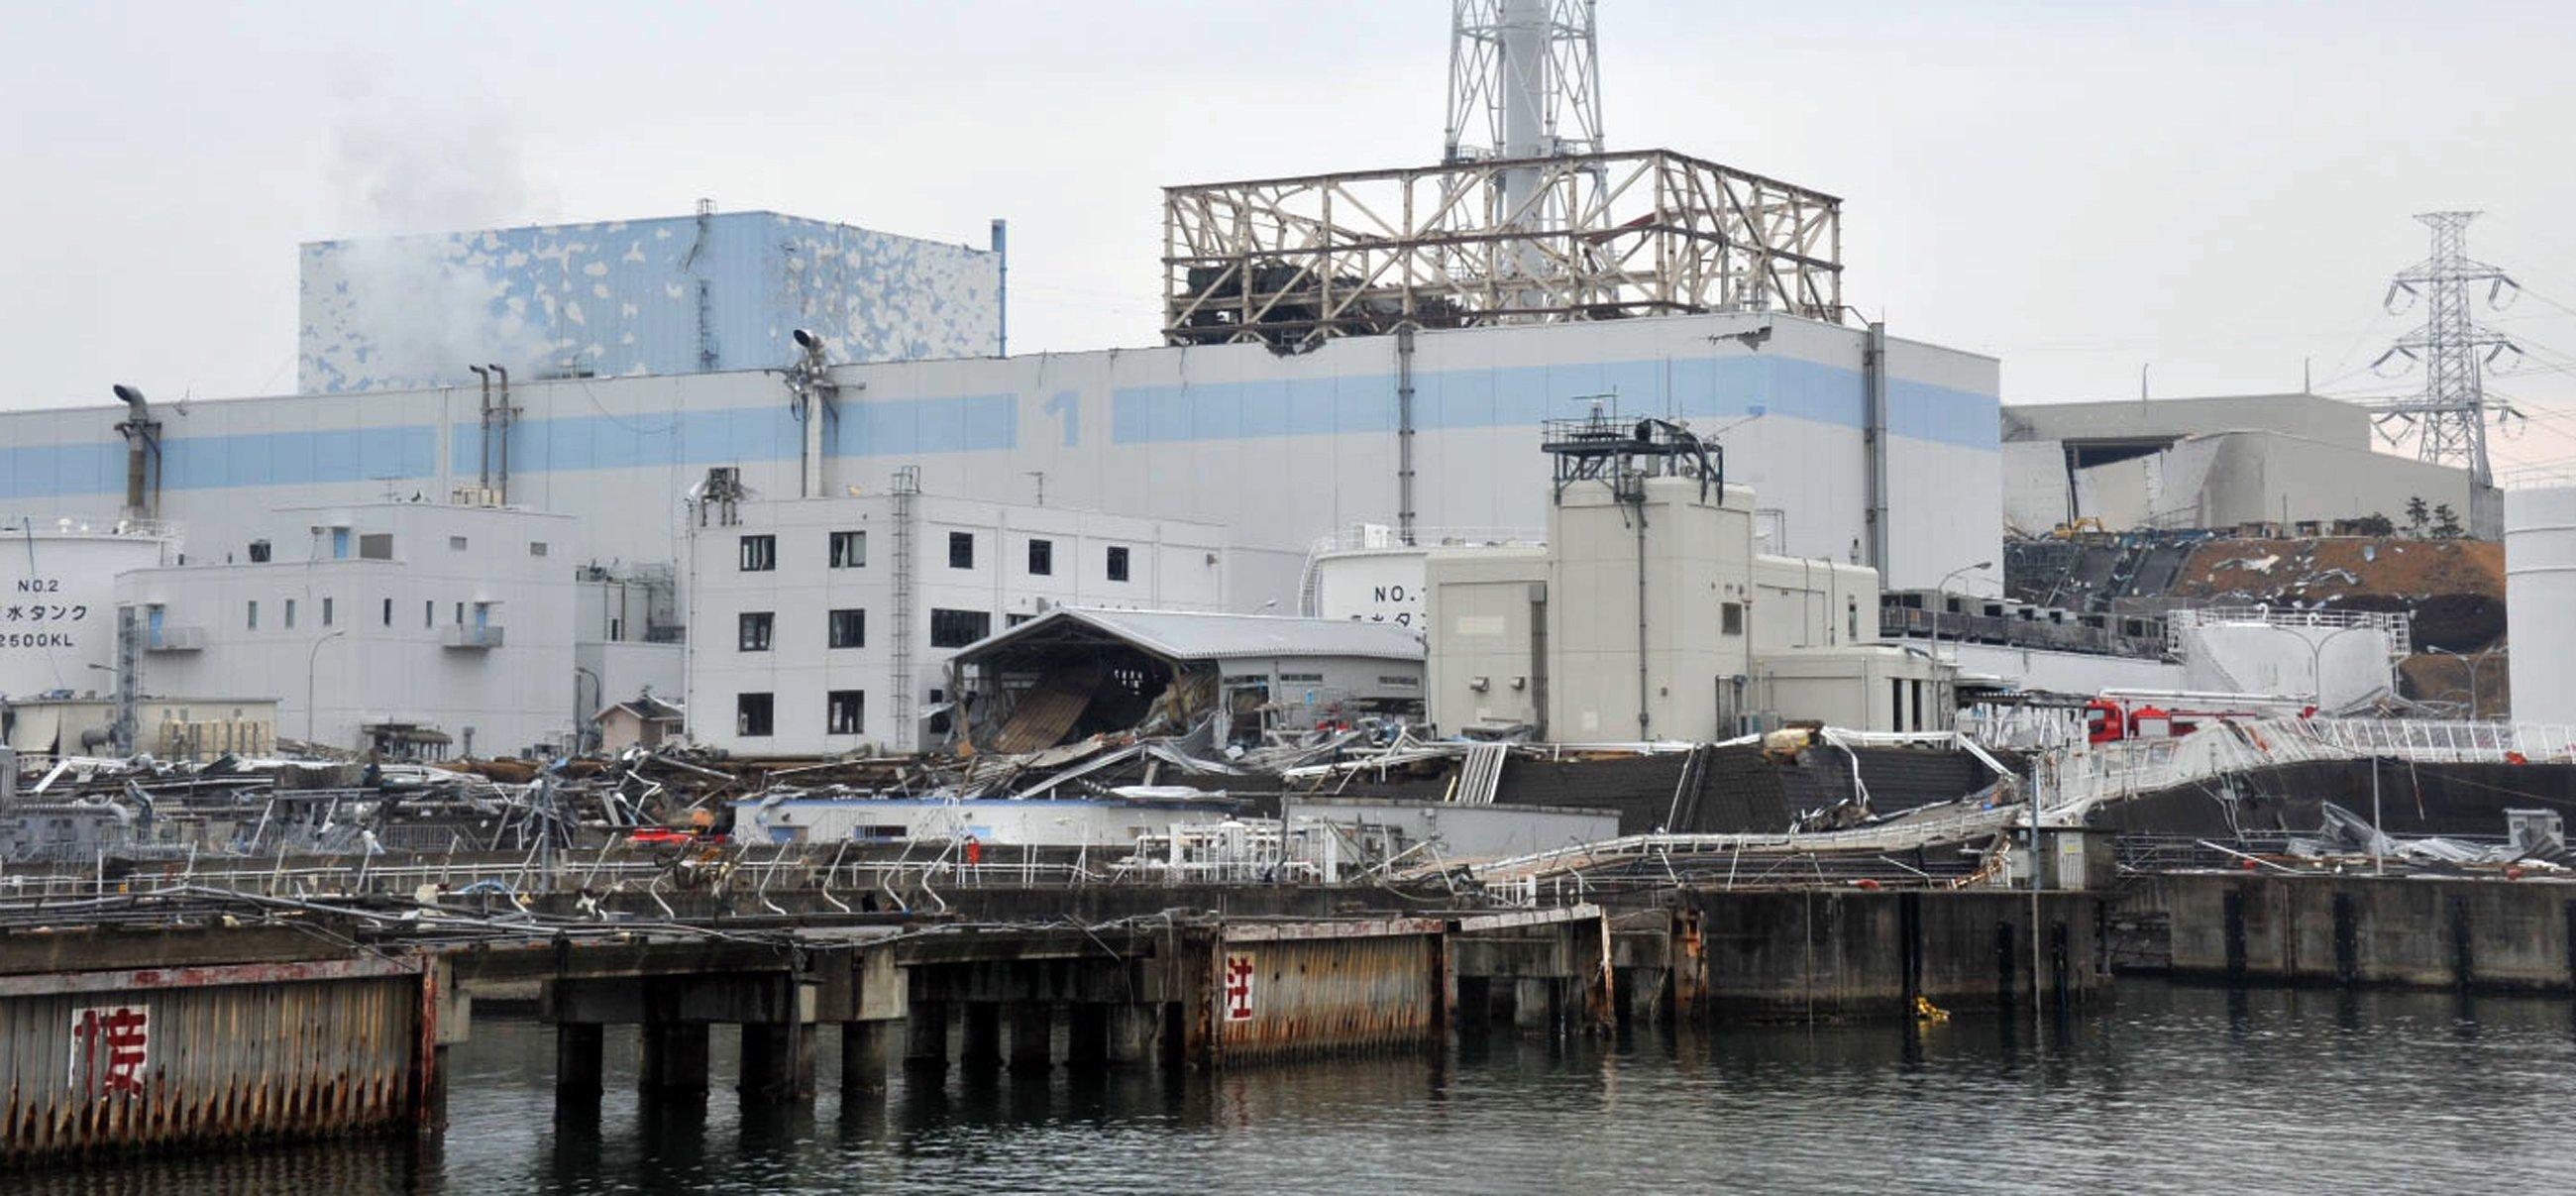 Ruine des havarierten Atomkraftwerks Fukushima mit den Reaktoren 1 (M) und 2 von der Seeseite aus:Ungelöst ist das Problem des steten Zuflusses großer Mengen Grundwasser in das Kraftwerk. Es vermischt sich teilweise mit dem Kühlwasser der Reaktoren und droht ins Meer zurückzulaufen.